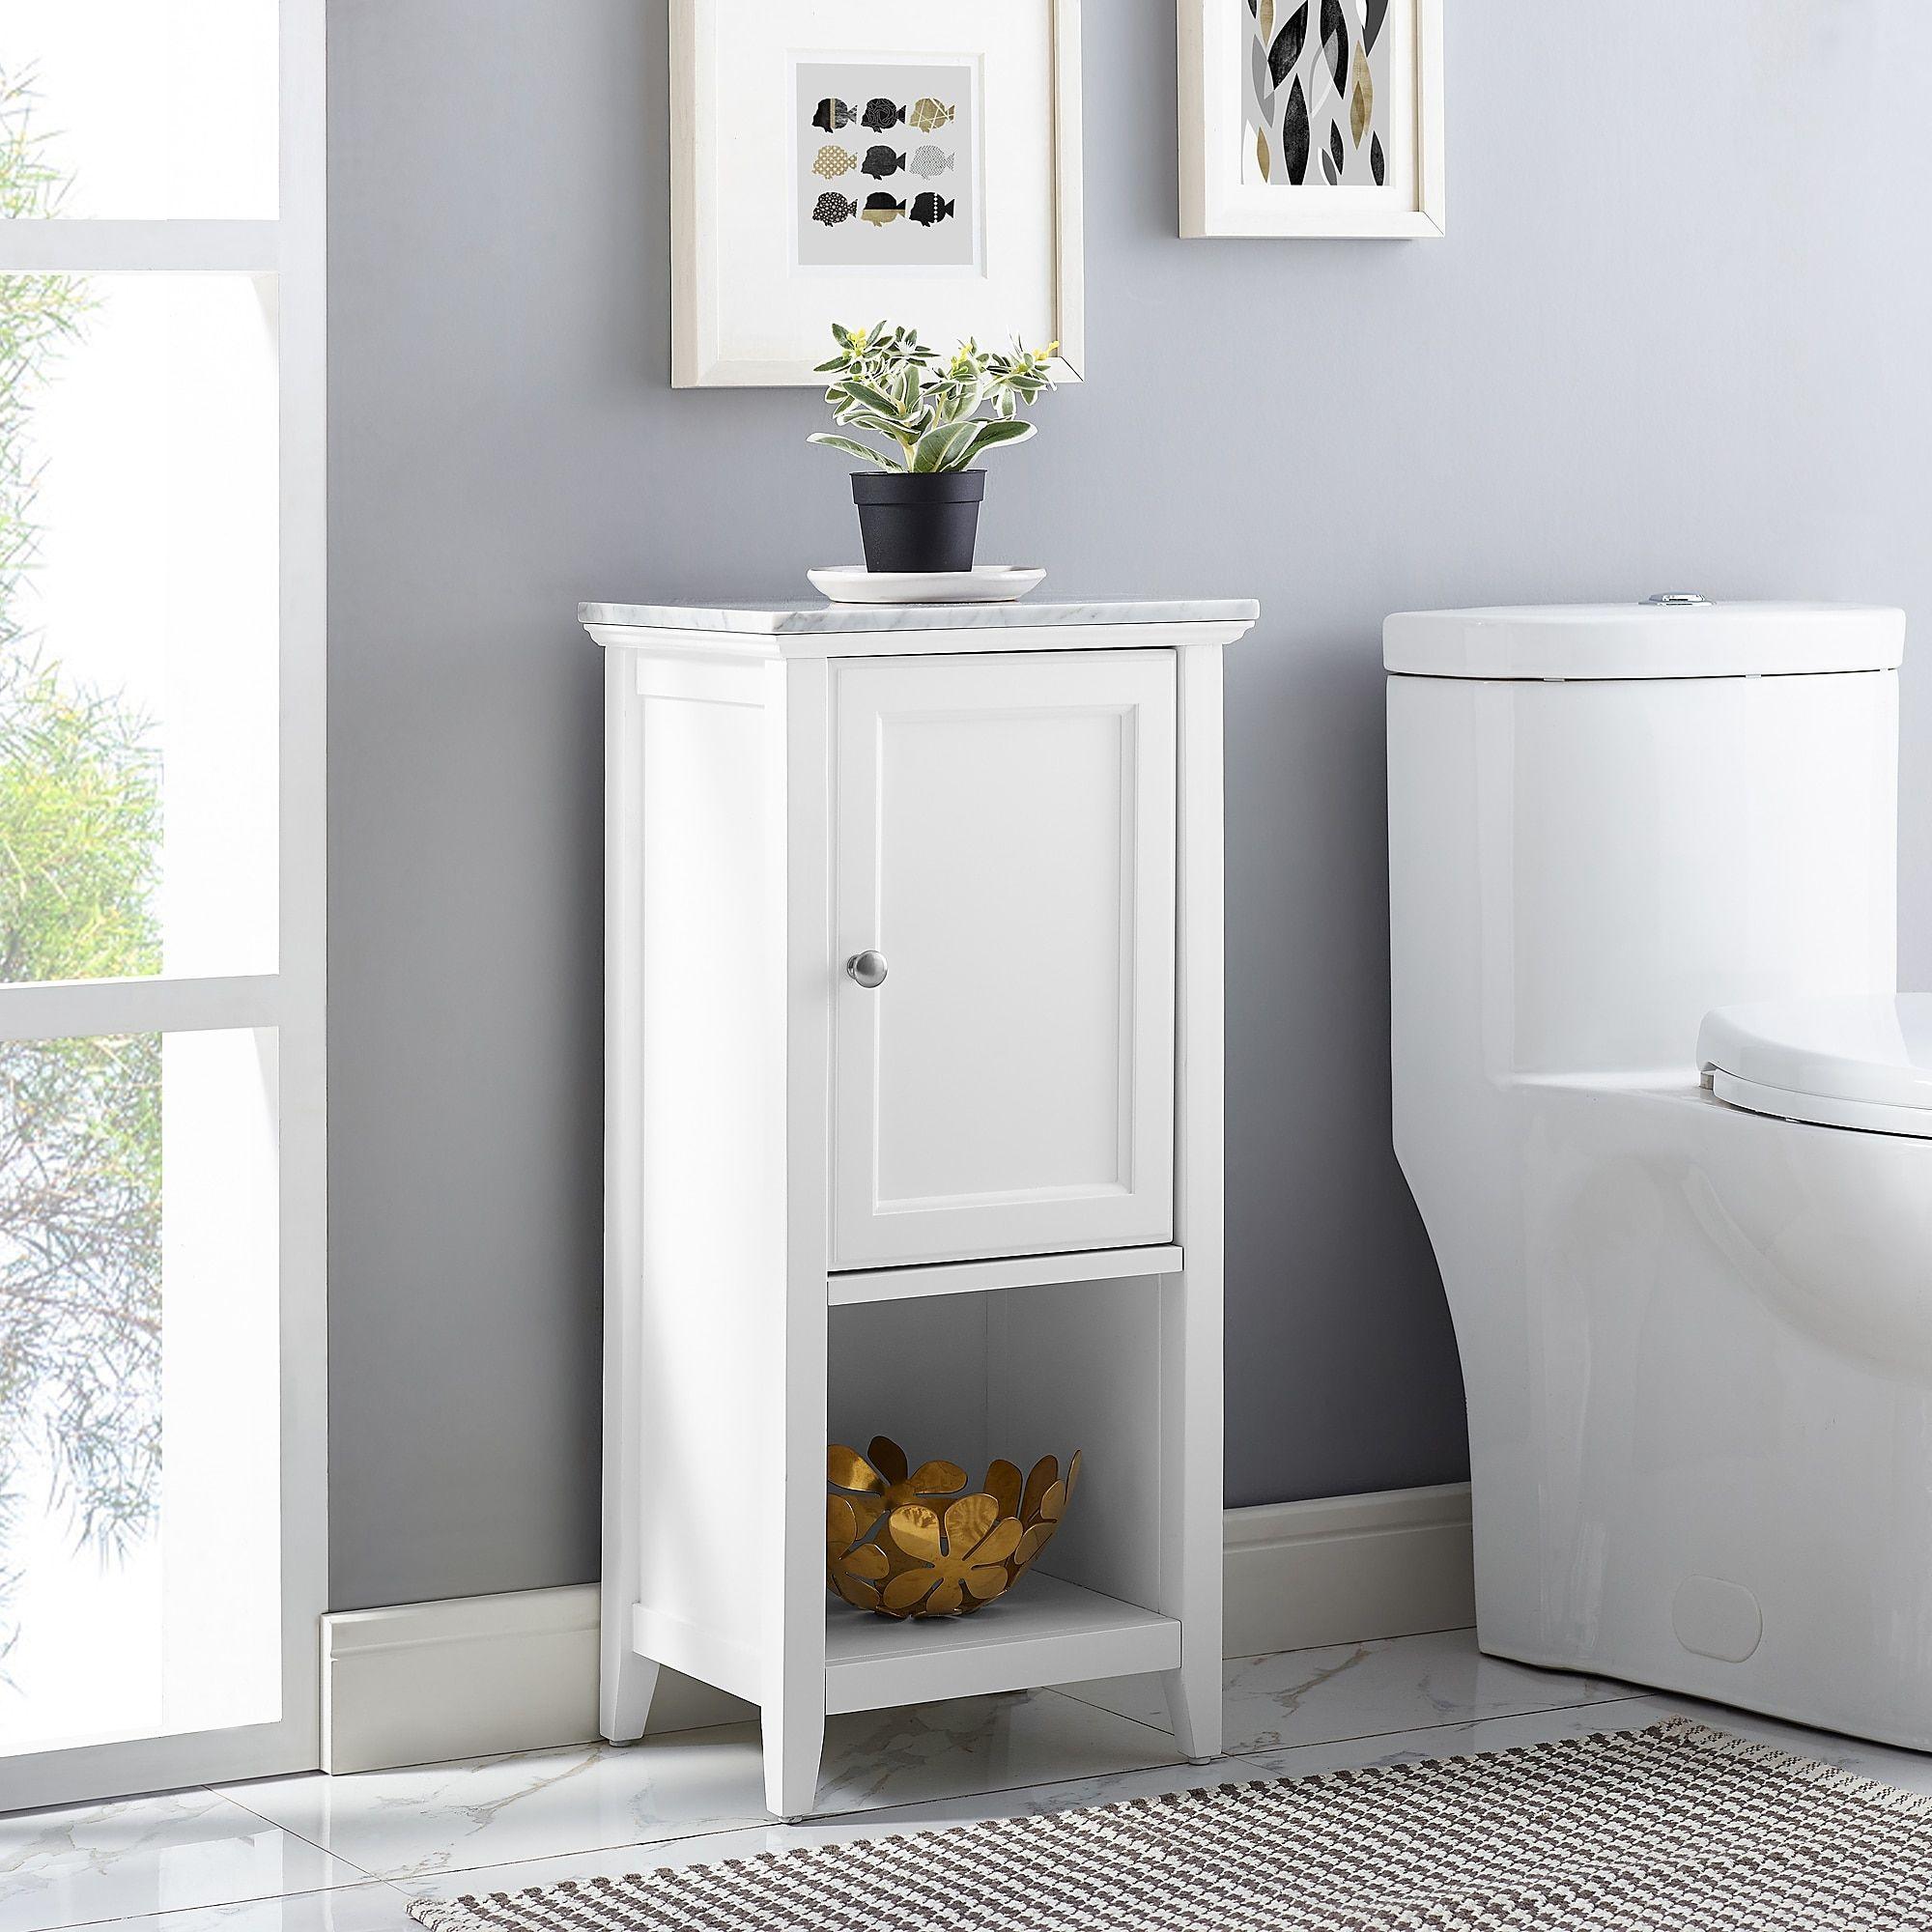 Carrara Marble Top Floor Cabinet Bathroom Wall Cabinets Bathroom Wall Storage Cabinets Bathroom Wall Storage